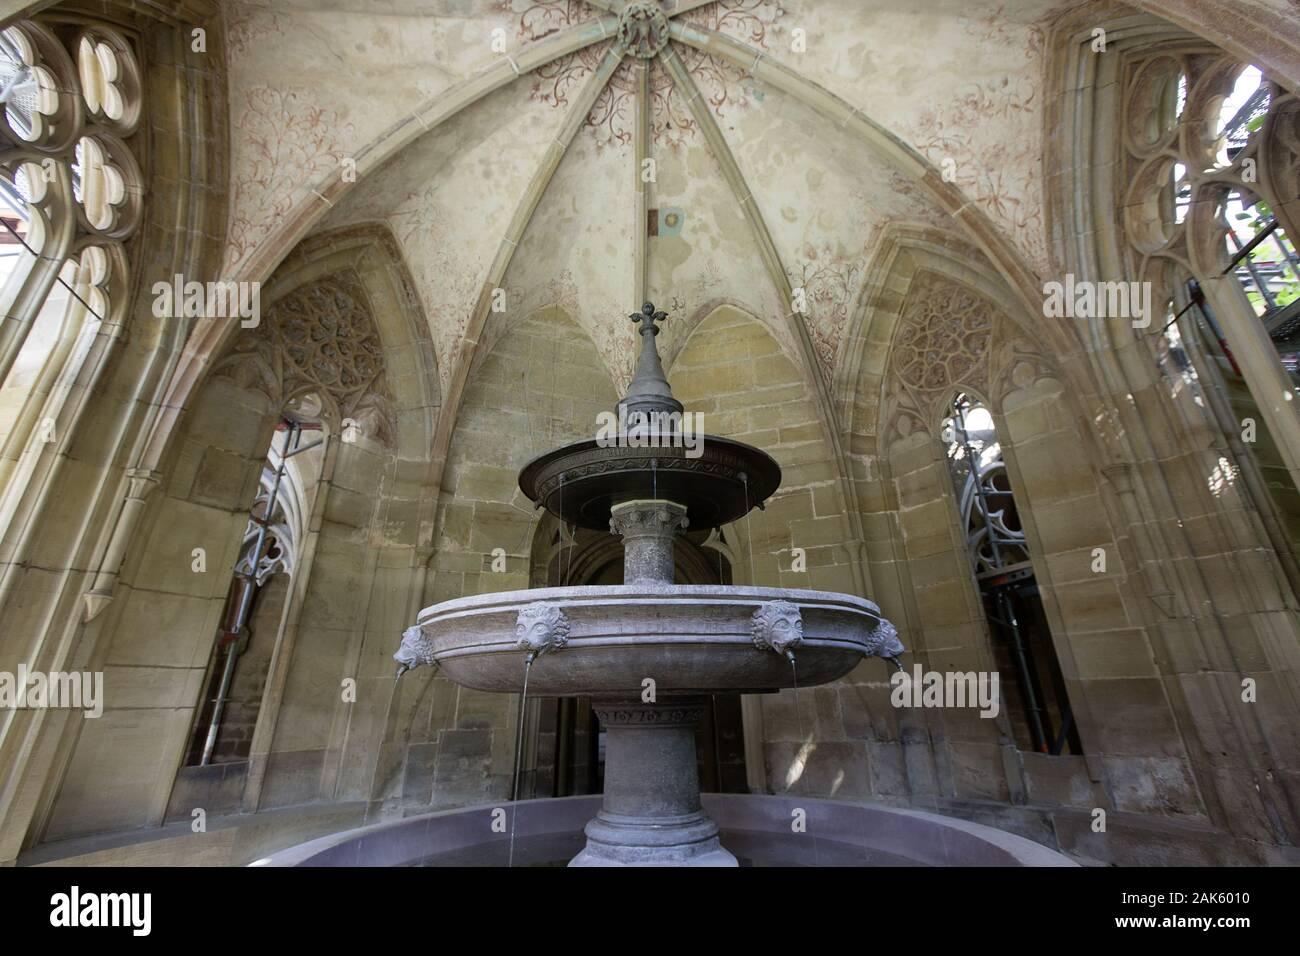 Kloster Maulbronn: Dreischaliger Brunnen im Brunnenhaus, Schwarzwald Norden | usage worldwide Stock Photo